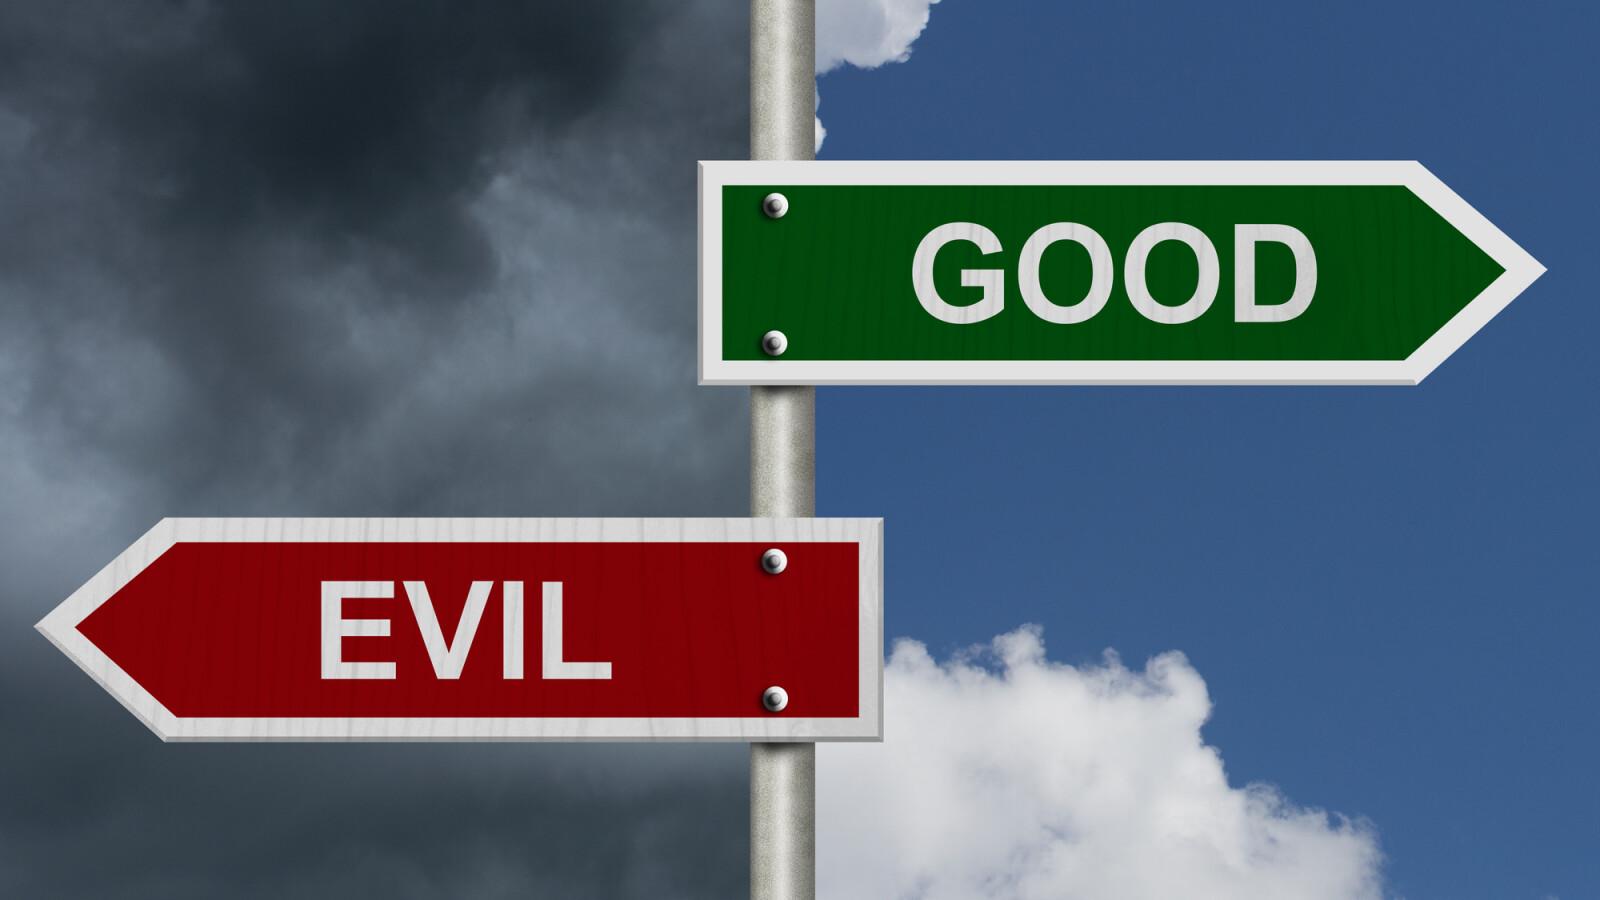 Böse Sprüche Für Böse Menschen Seite 7 Netzwelt